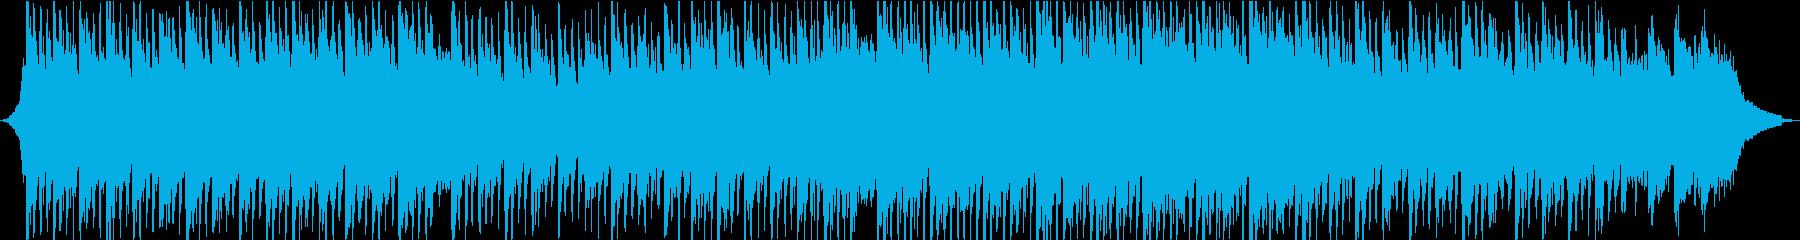 明るく前向き、ポジティブなストリングス②の再生済みの波形